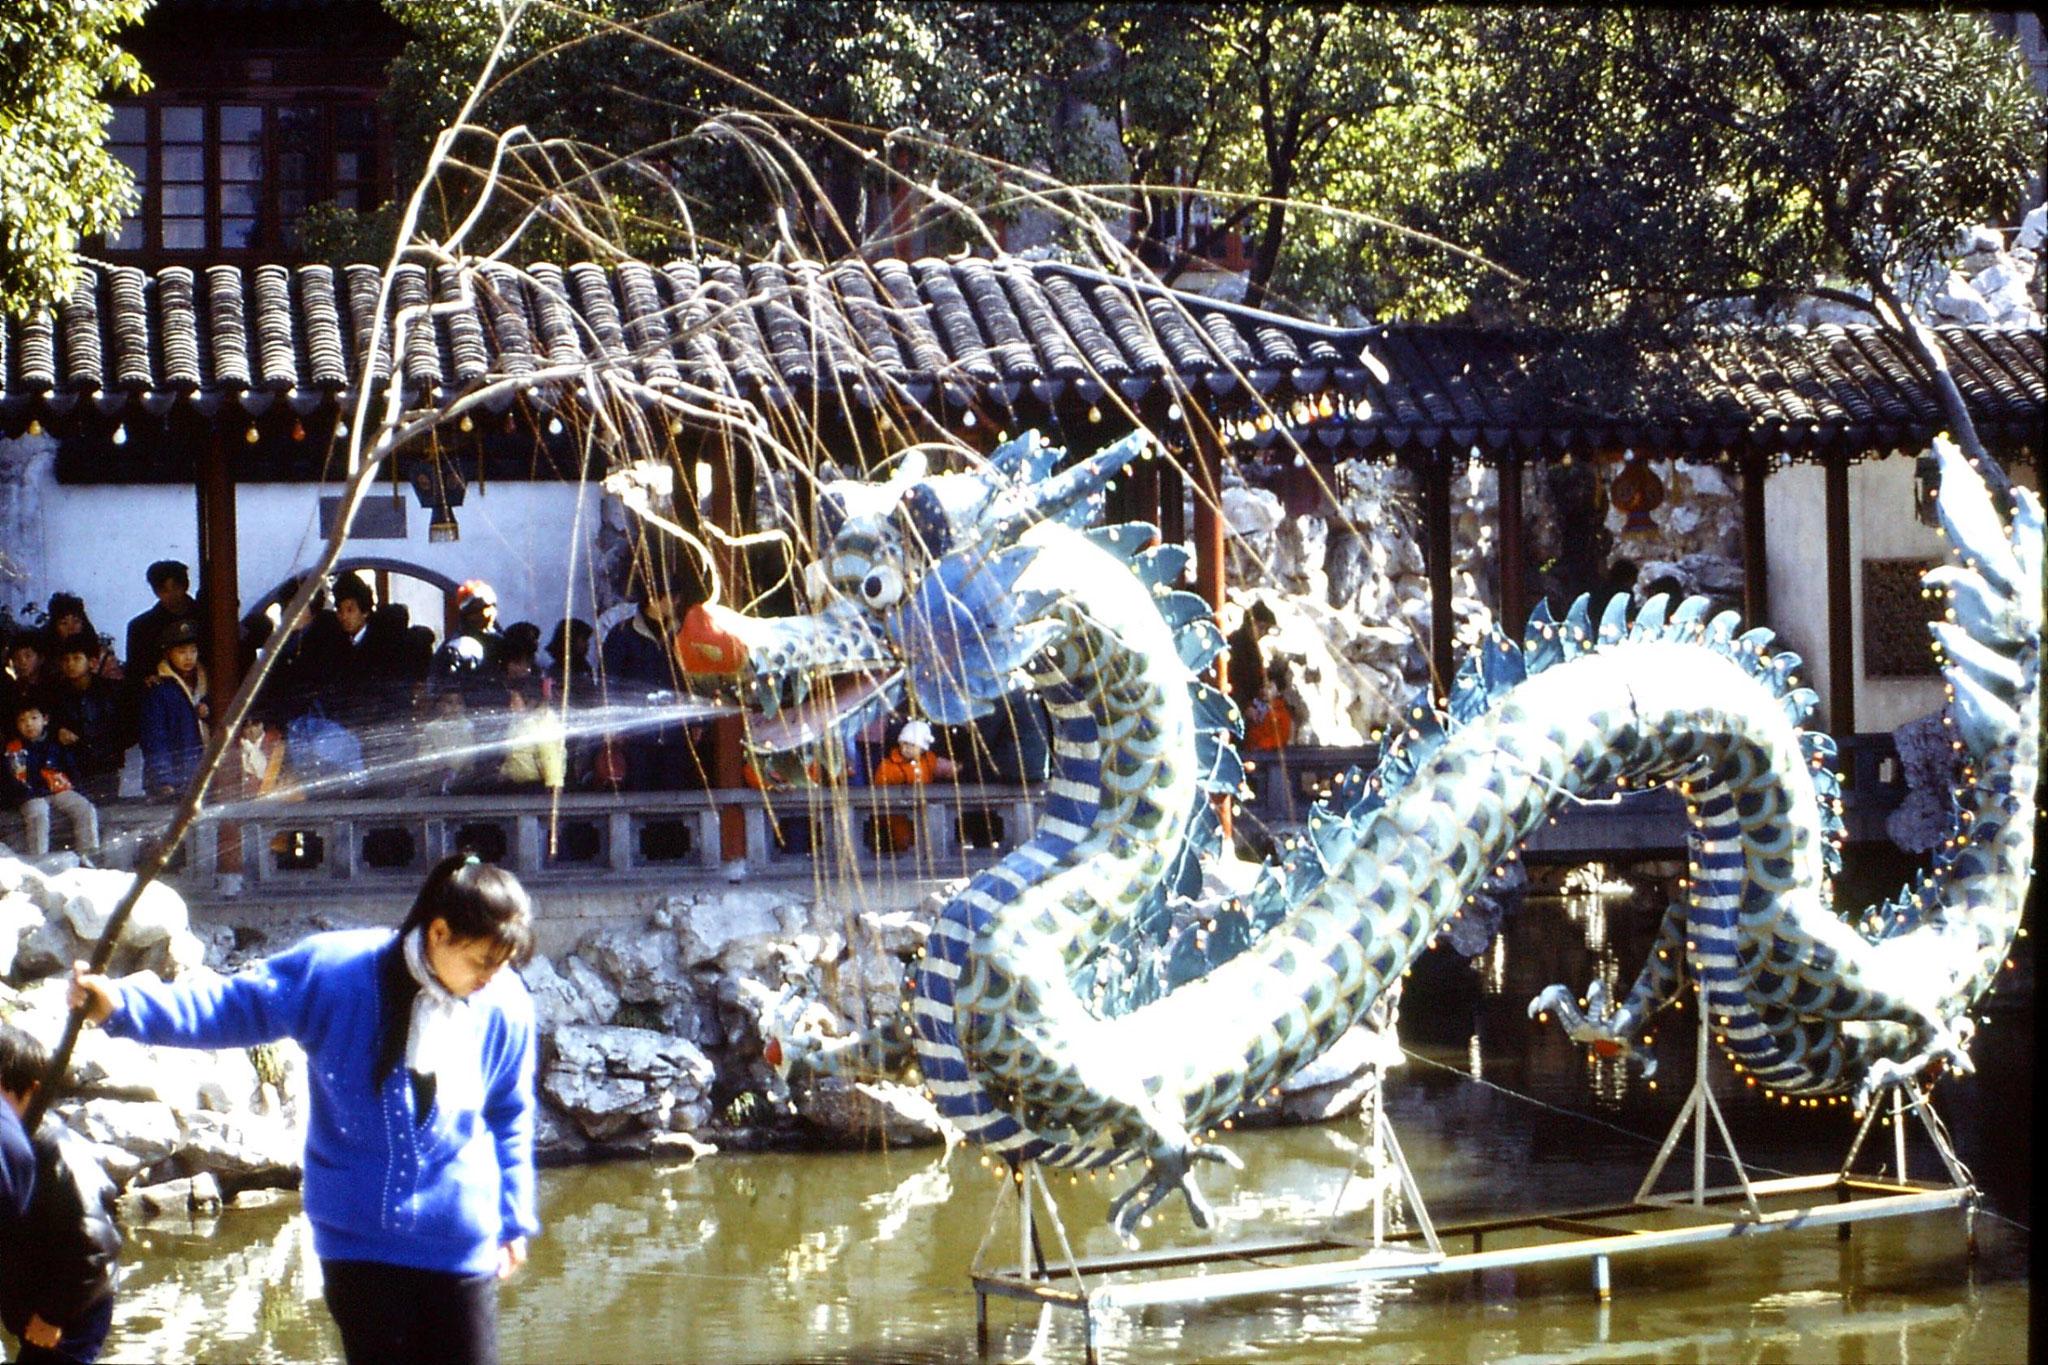 10/2/1989: 31: Yuyuan Gardens